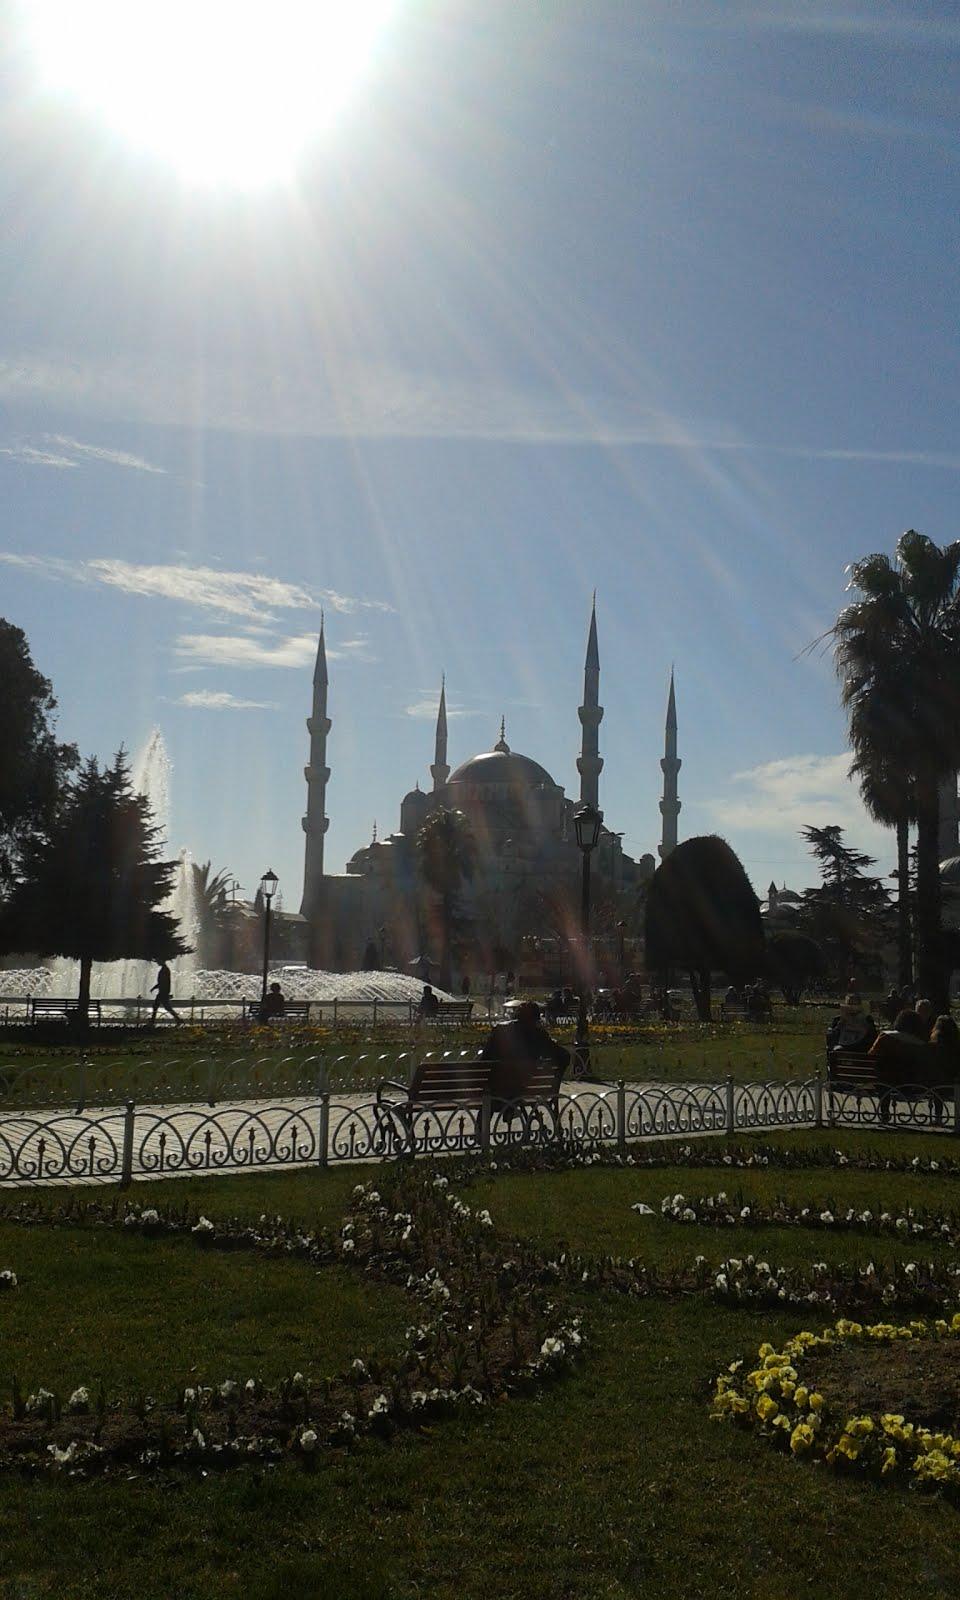 اعطائك خمس نصائح هامة قبل سفرك الى اسطنبول